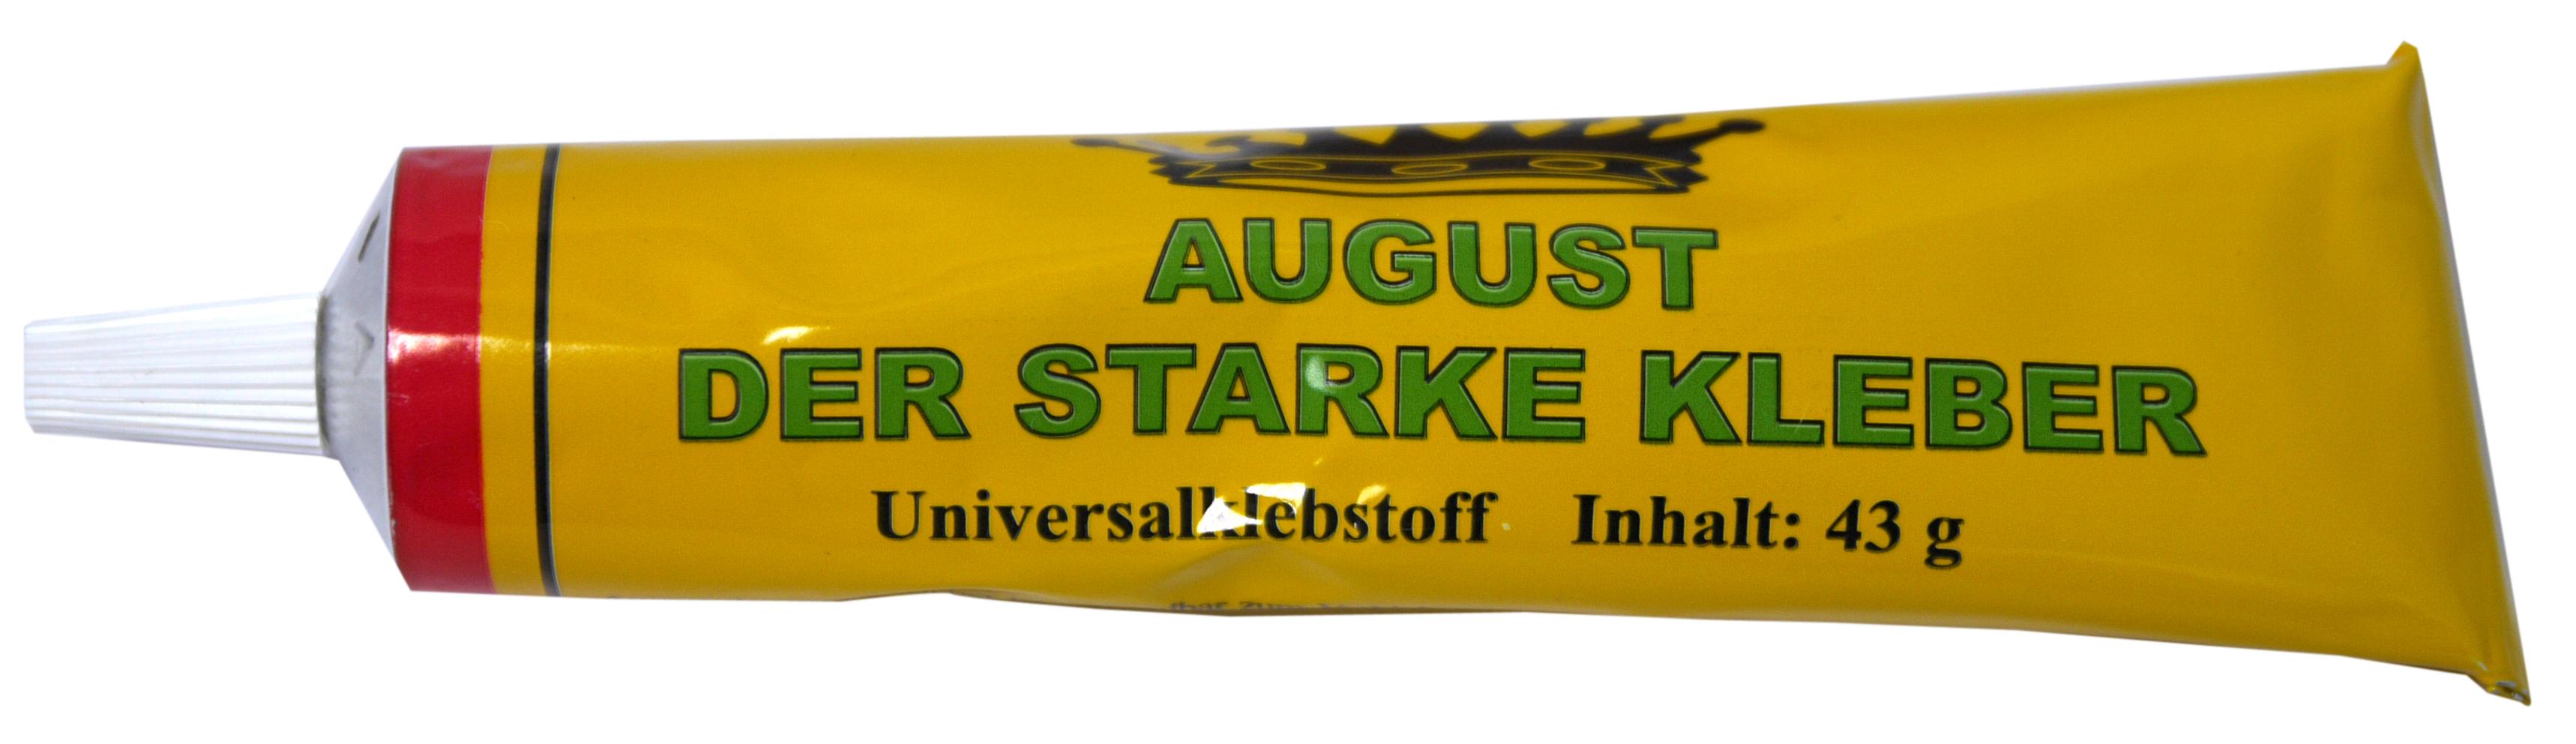 53529 - August der Starke Kleber Universalklebstoff 43 g